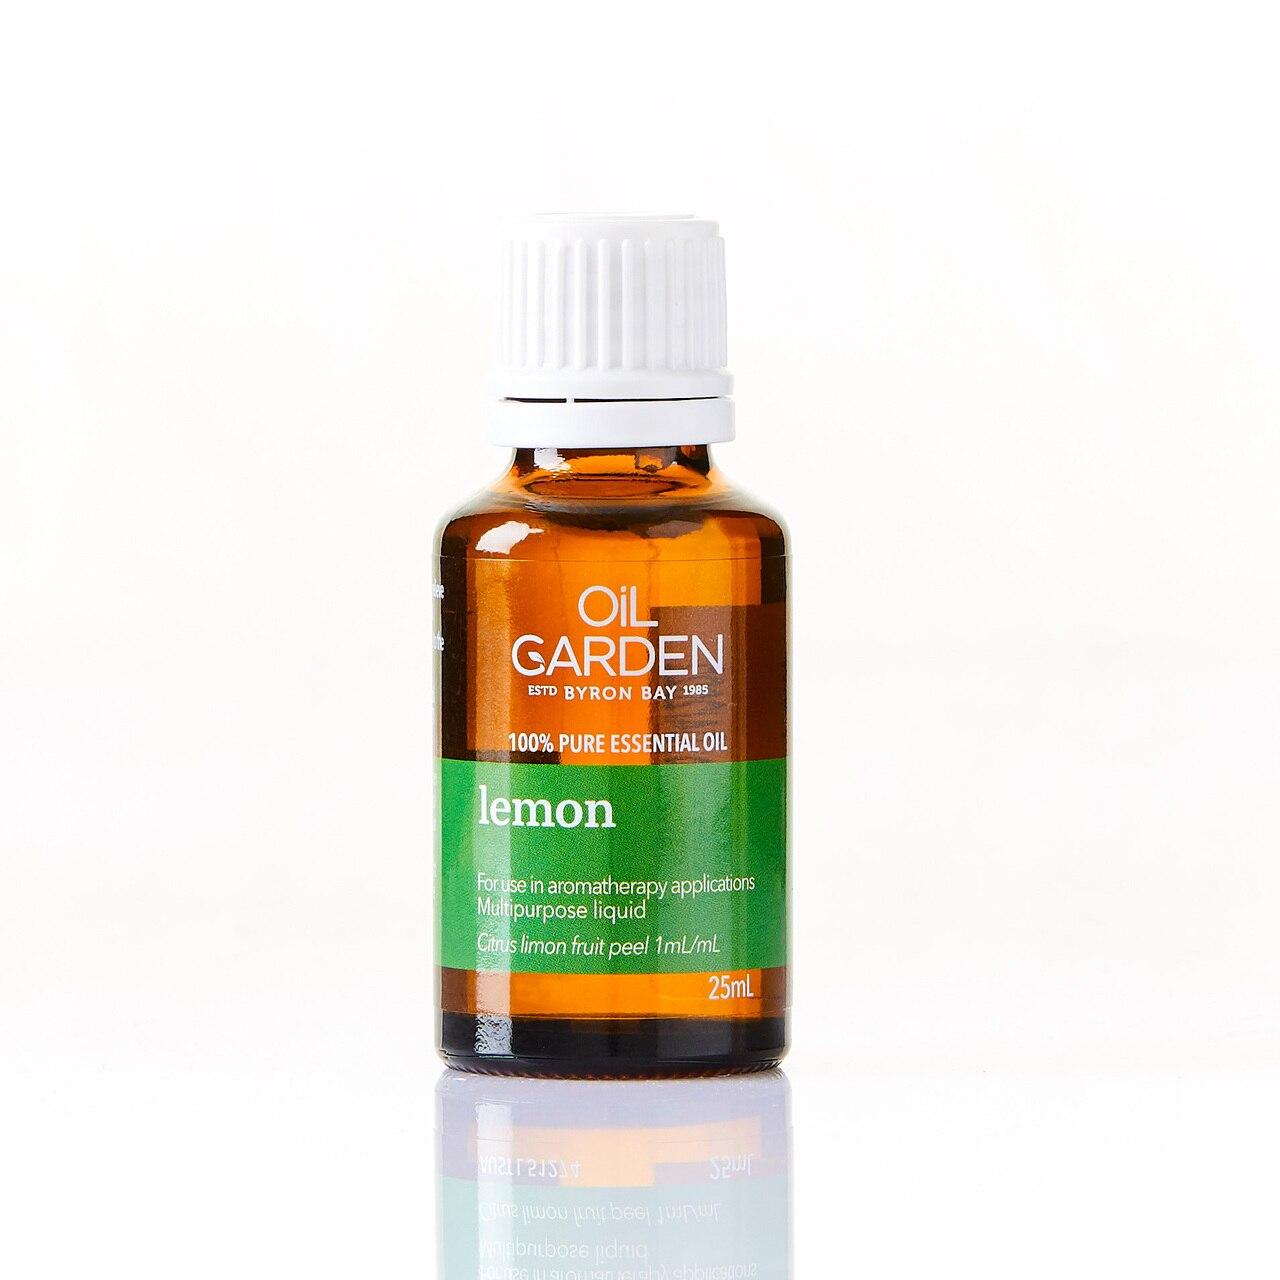 Oil Garden Lemon Pure Essential Oil 25mL 6620075